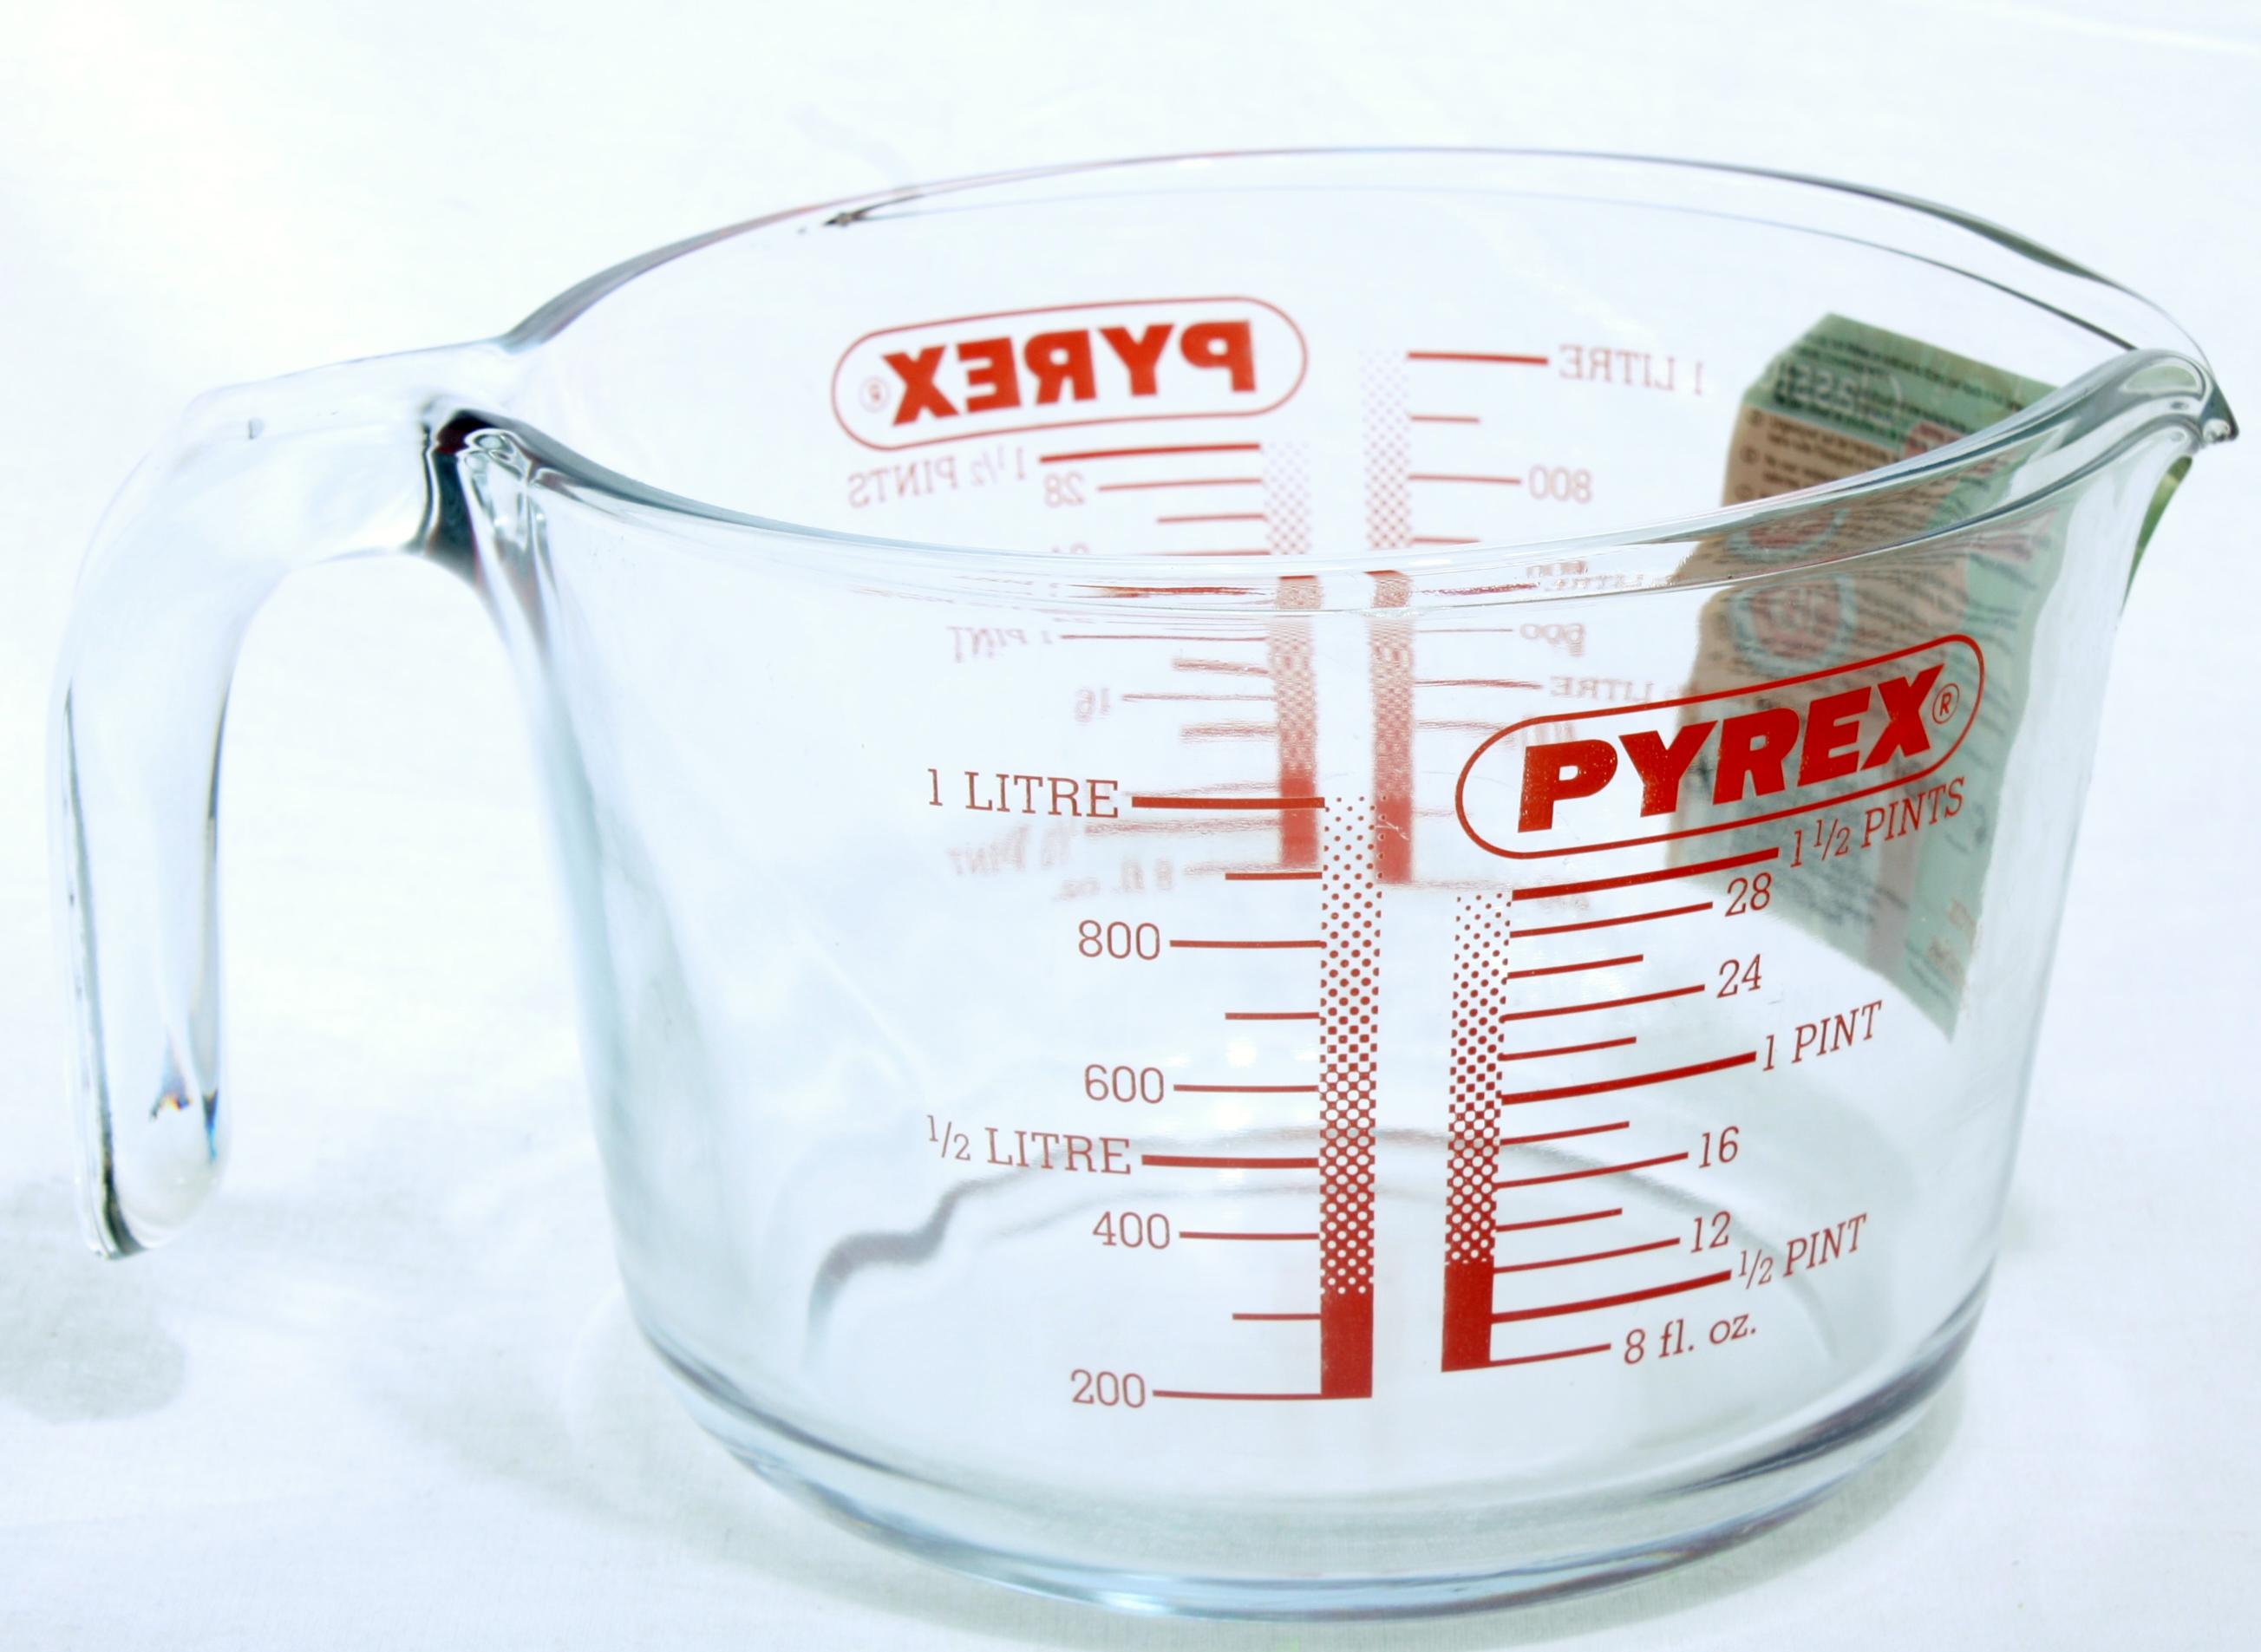 Pyrex-Classic-Messbecher-1-lt-Ruehrschuessel-Messkanne-Literbecher-Dosierhilfe